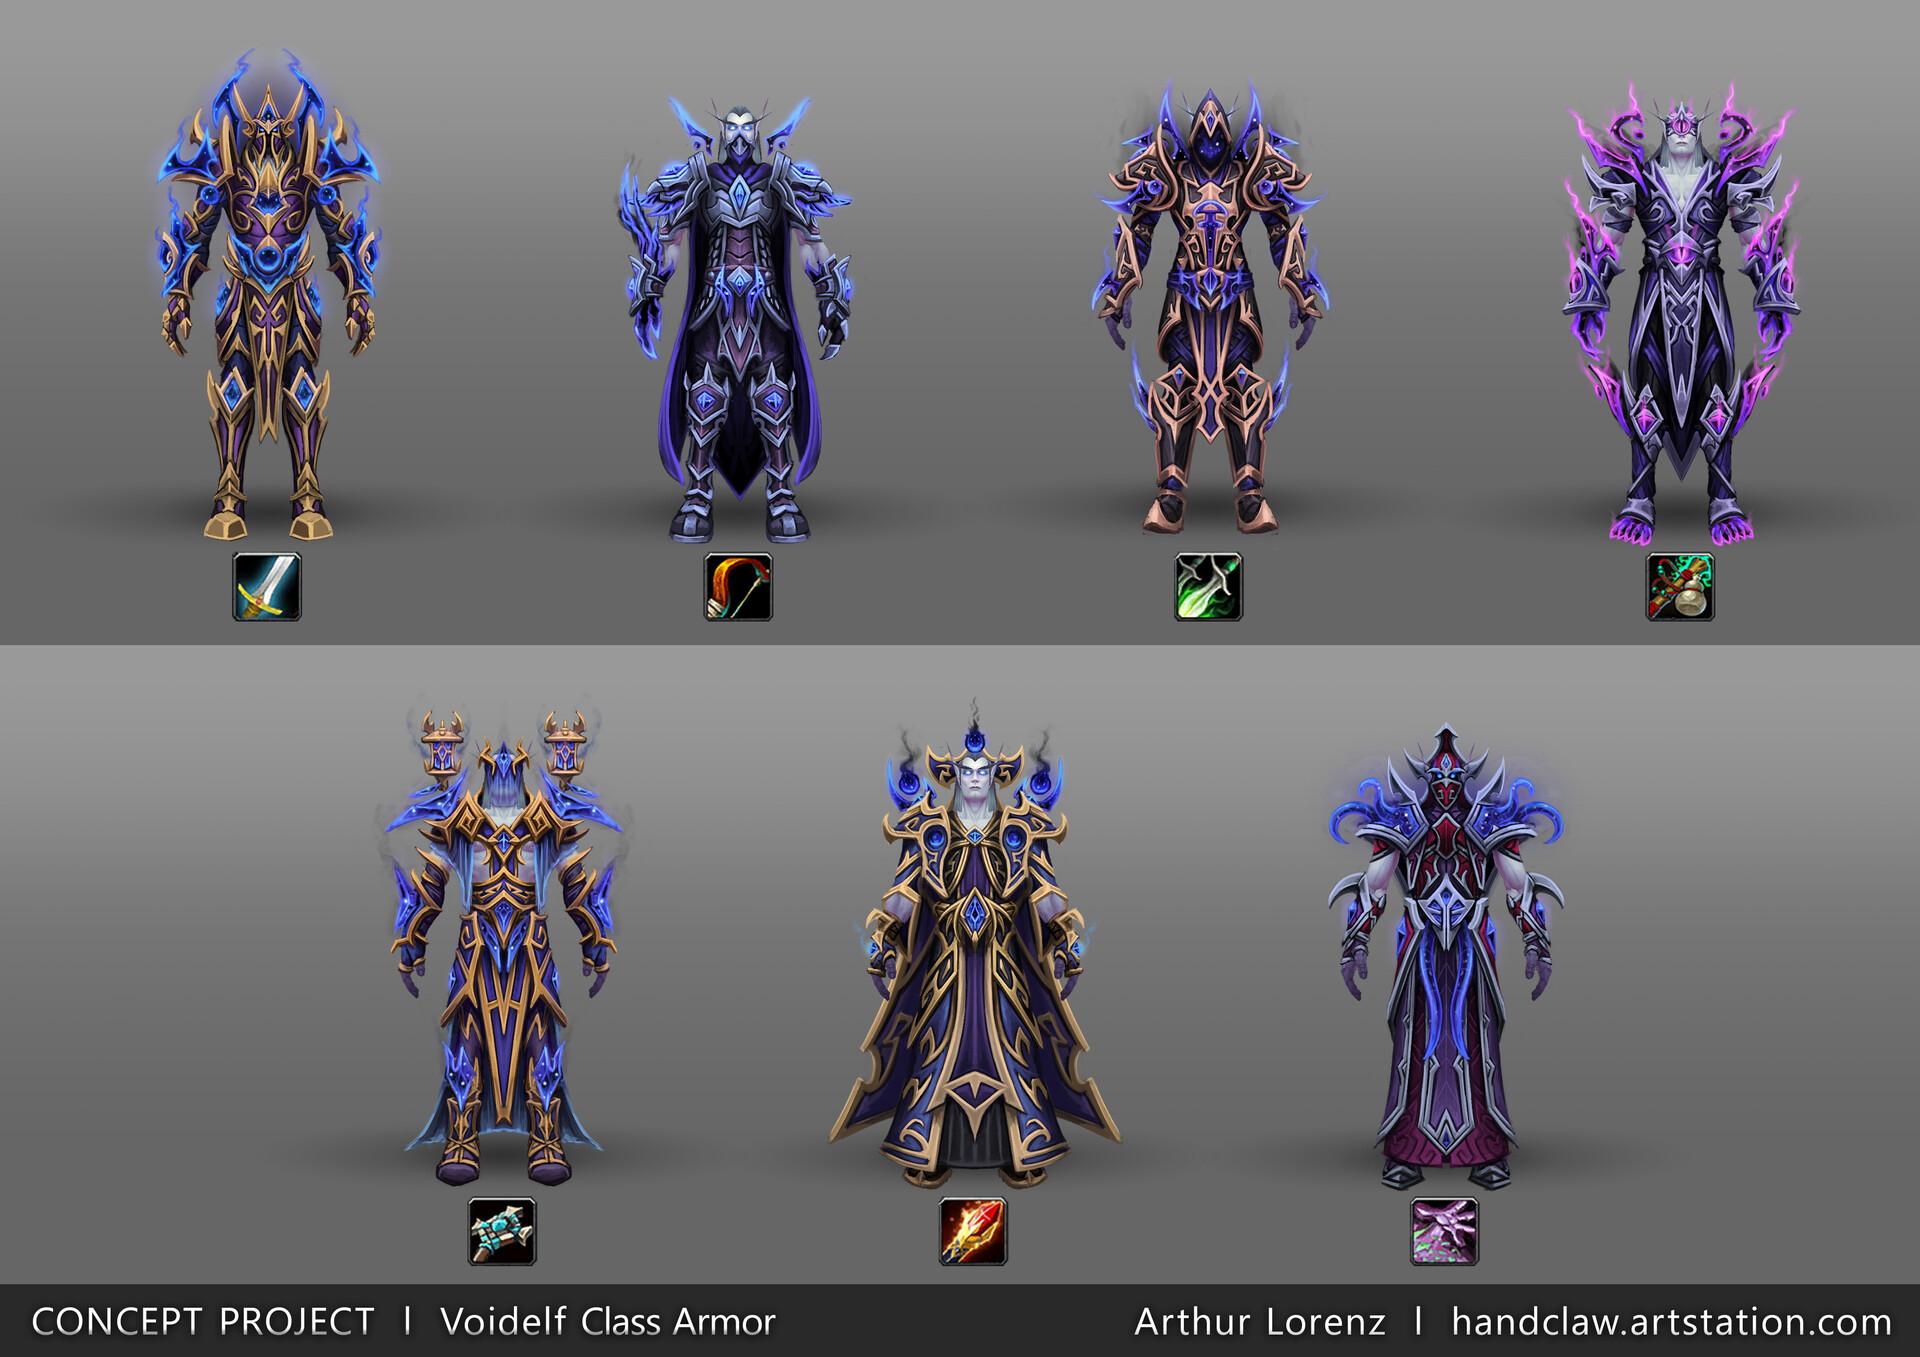 arthur-lorenz-overview-all-a4-artstation